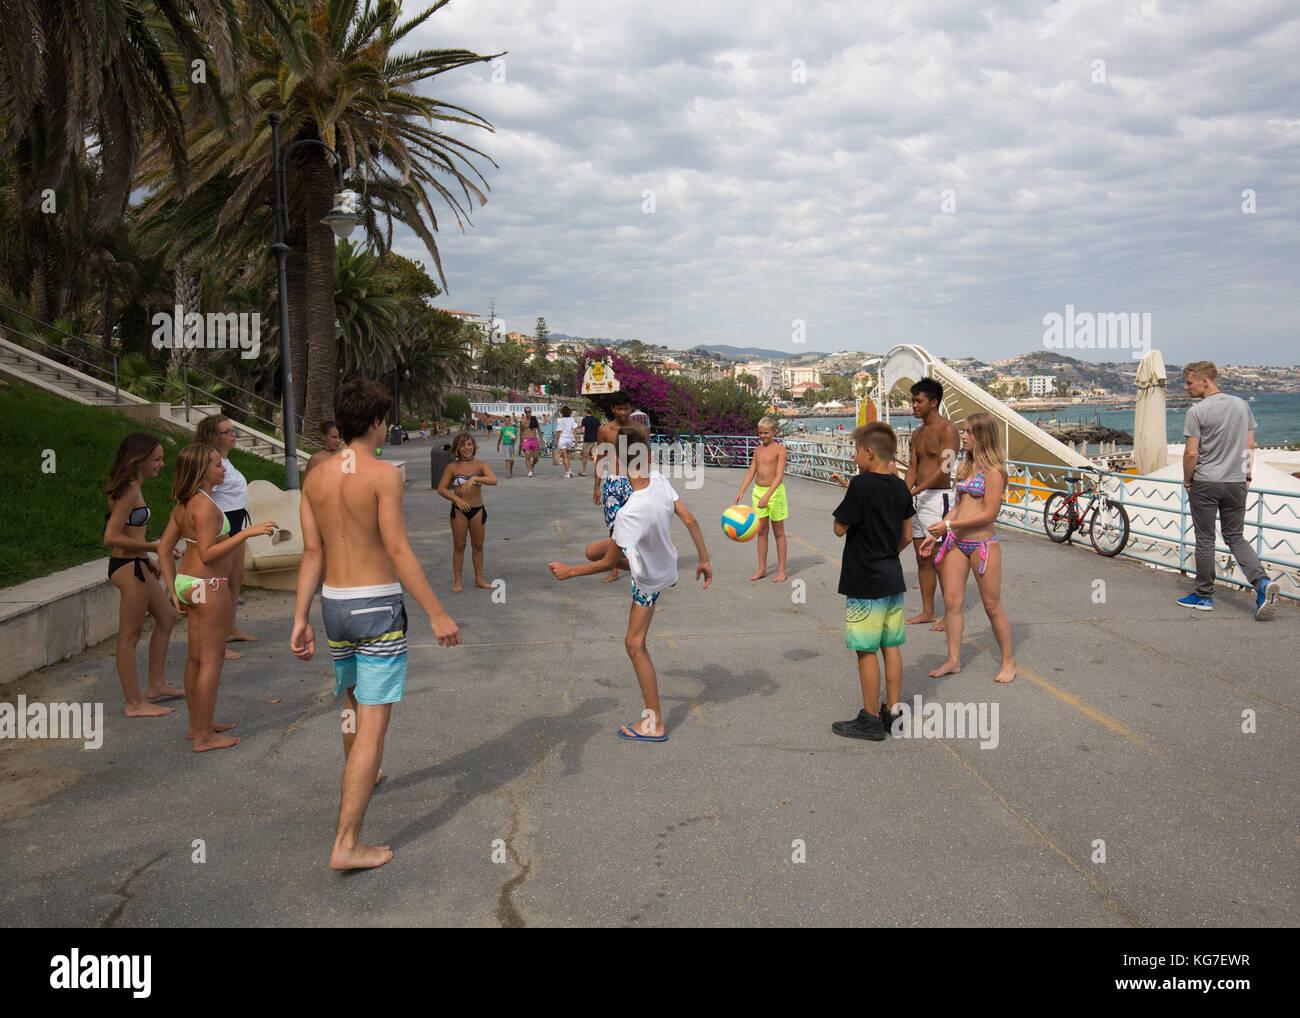 Ninos Jugando Al Futbol En La Calle San Remo Italia Foto Imagen